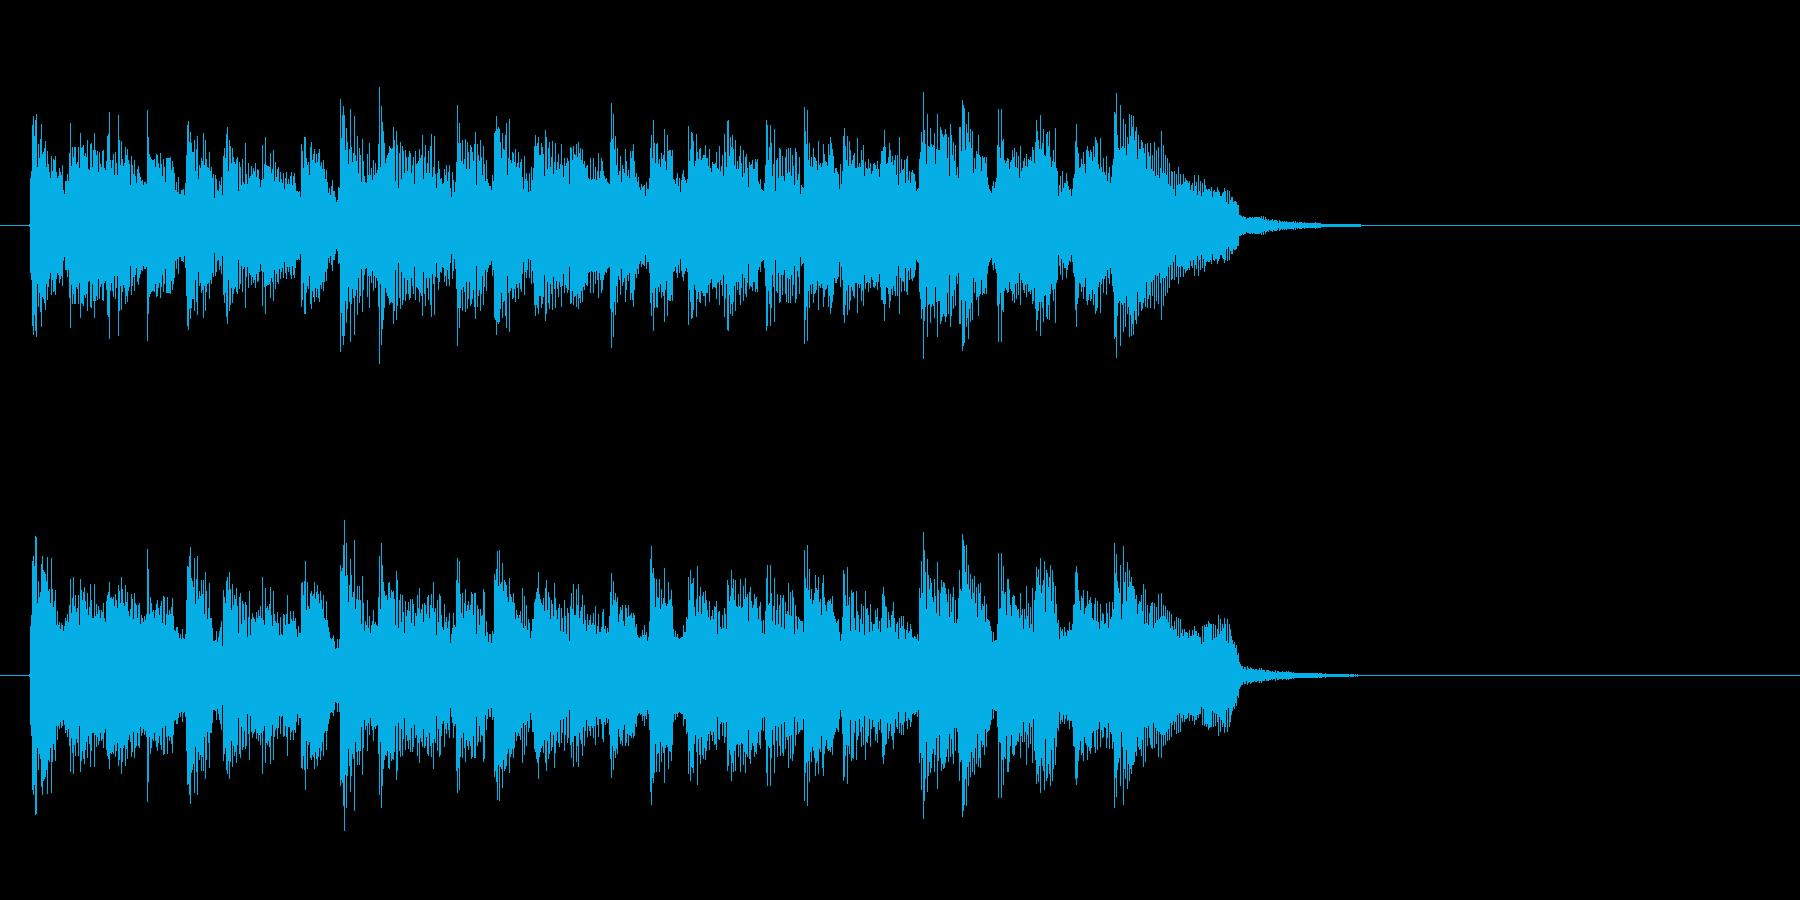 スローなピアノバラード(イントロ)の再生済みの波形